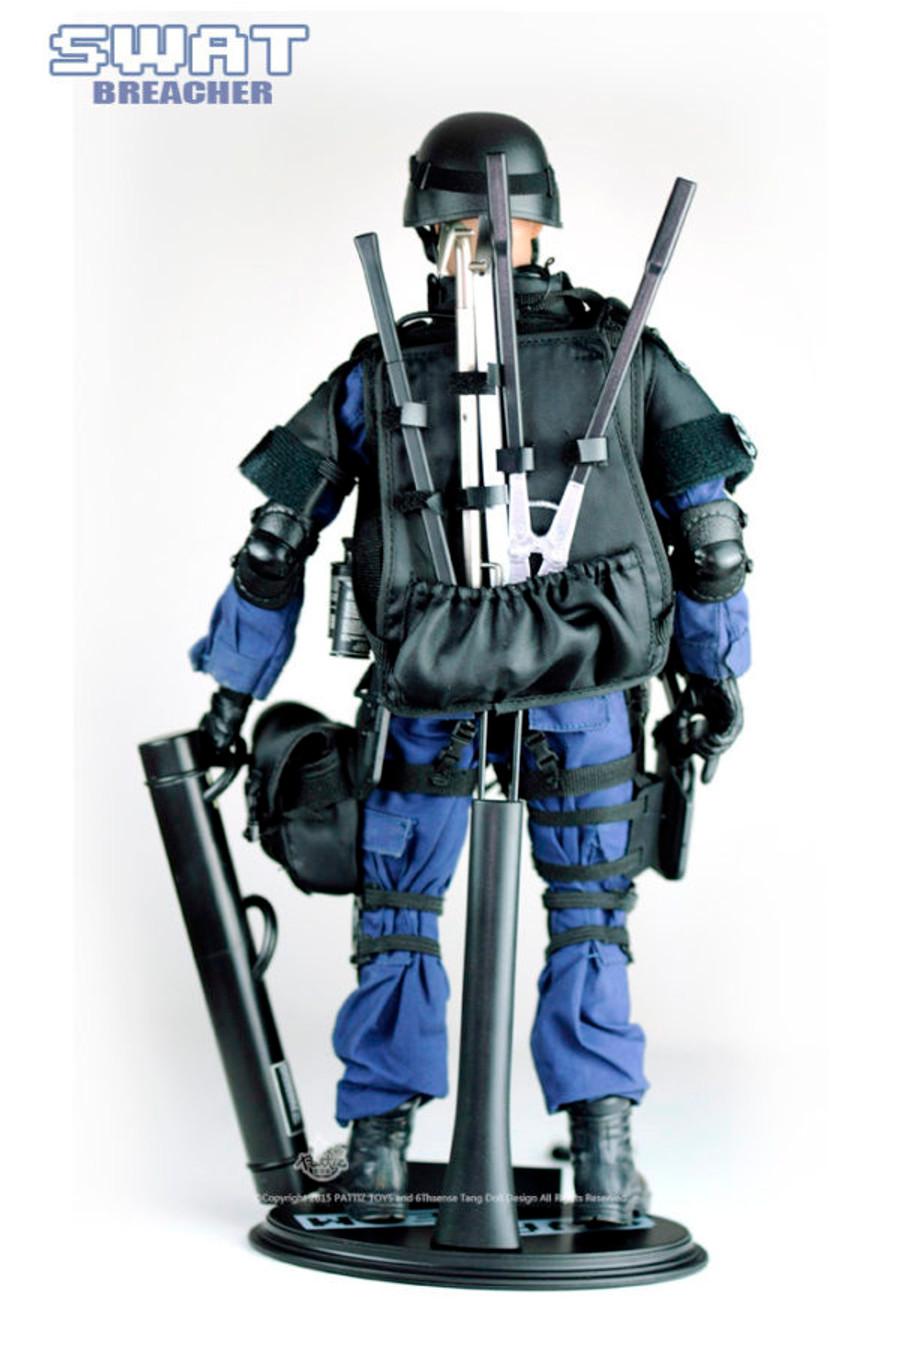 KADHOBBY - SWAT Breacher